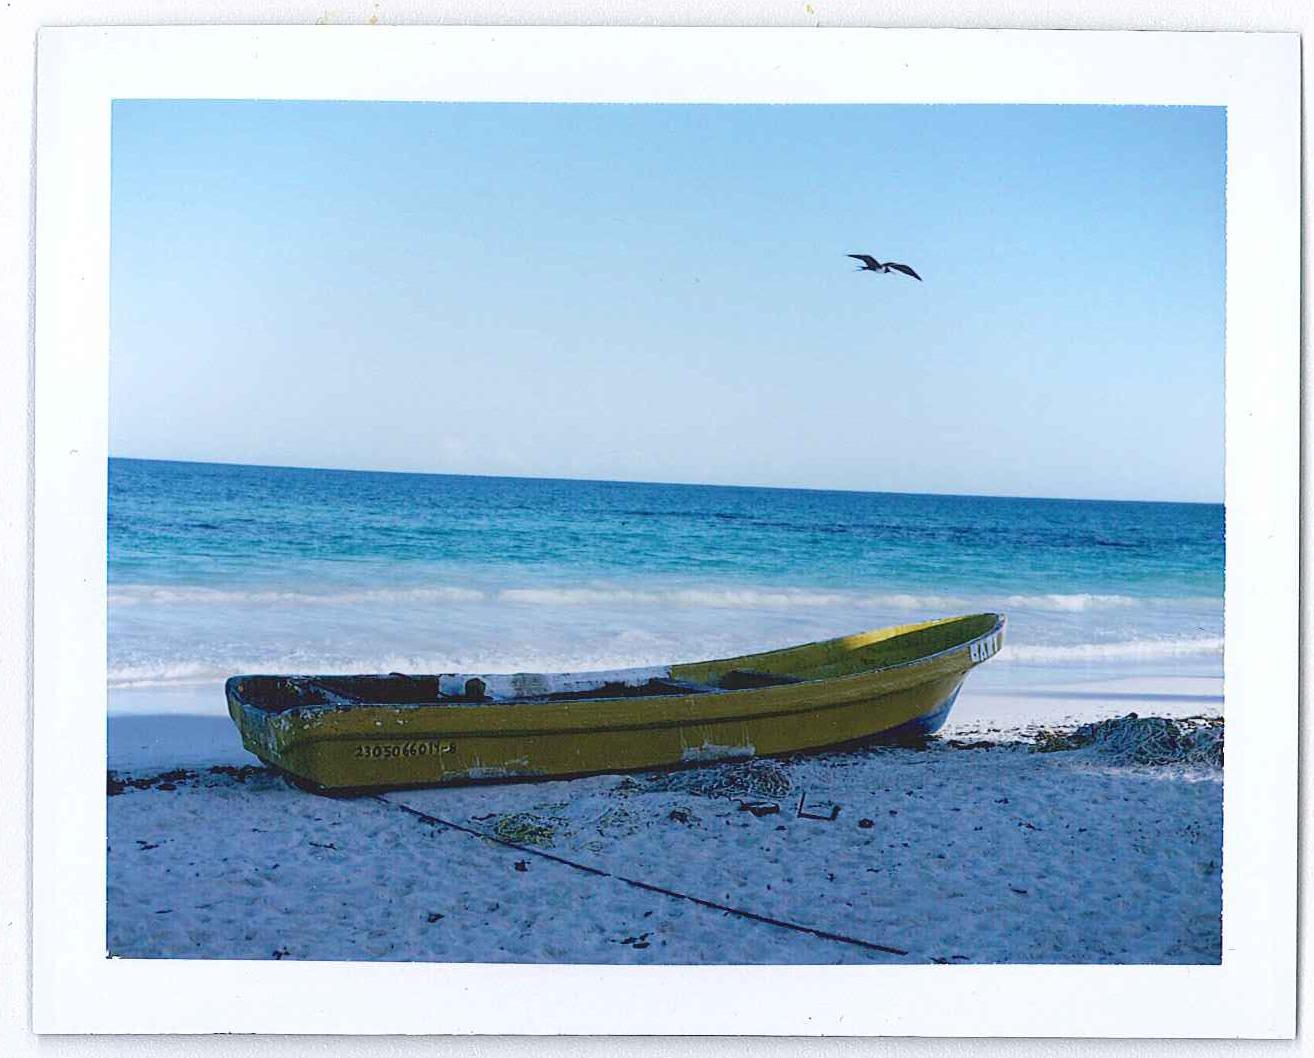 boat-pola.jpg